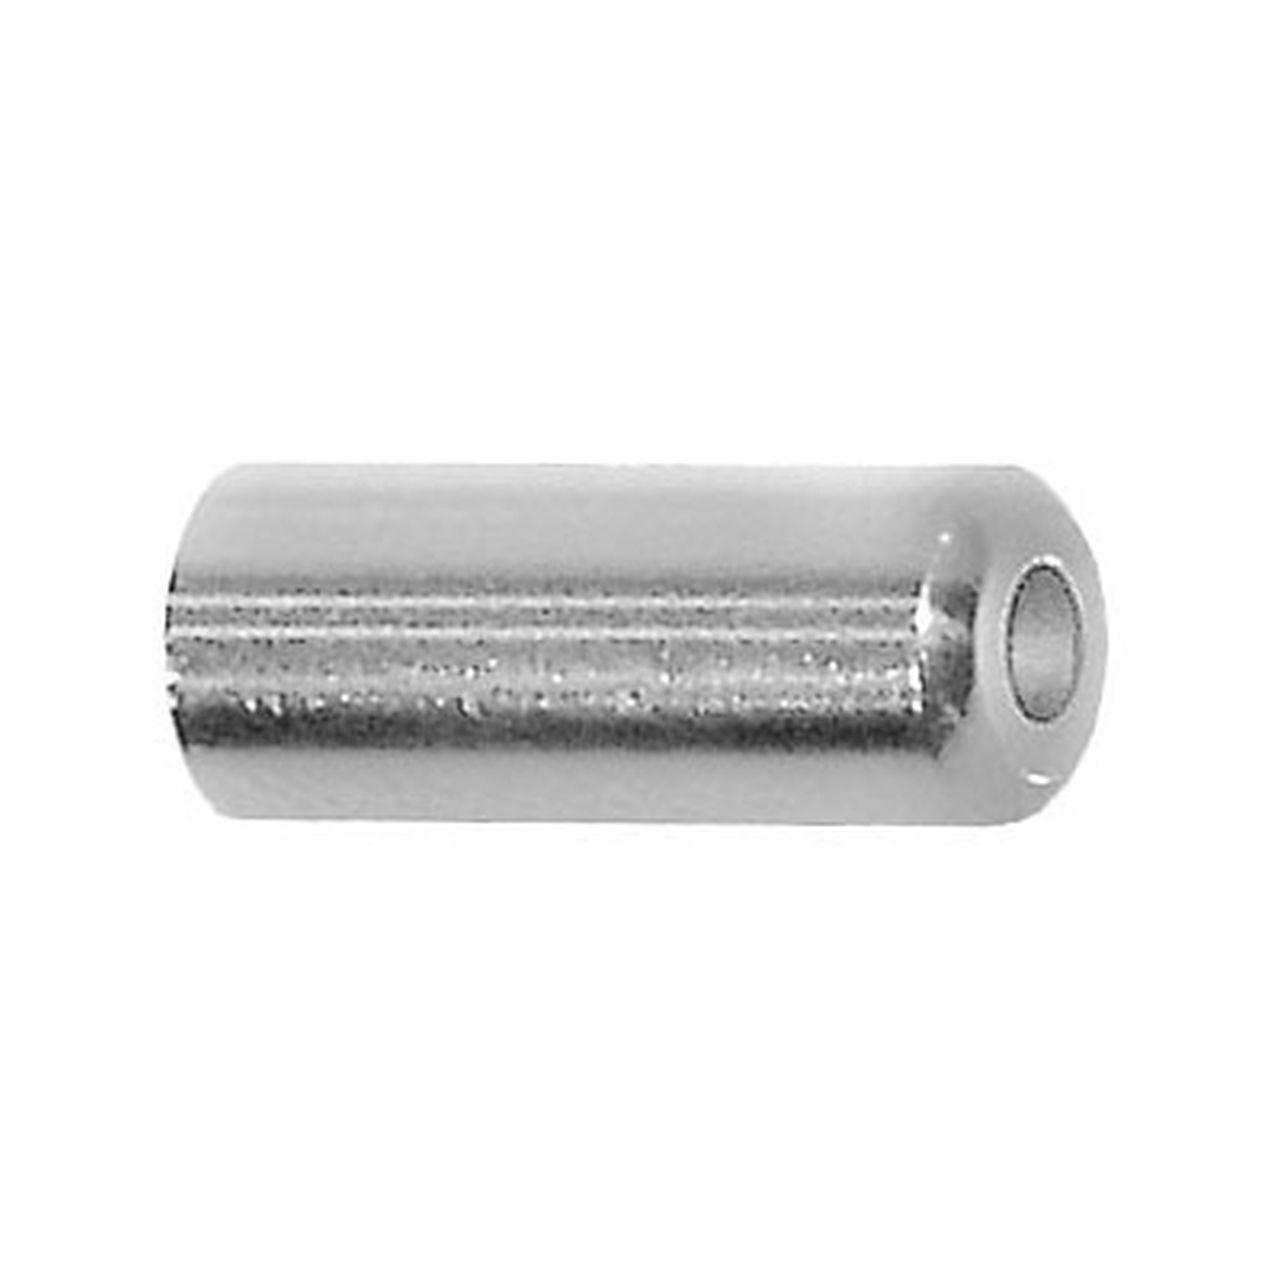 Promax Abschlußhülse für Schaltzughülle Ø 4 mm KOLLARS-System CNC gefräst